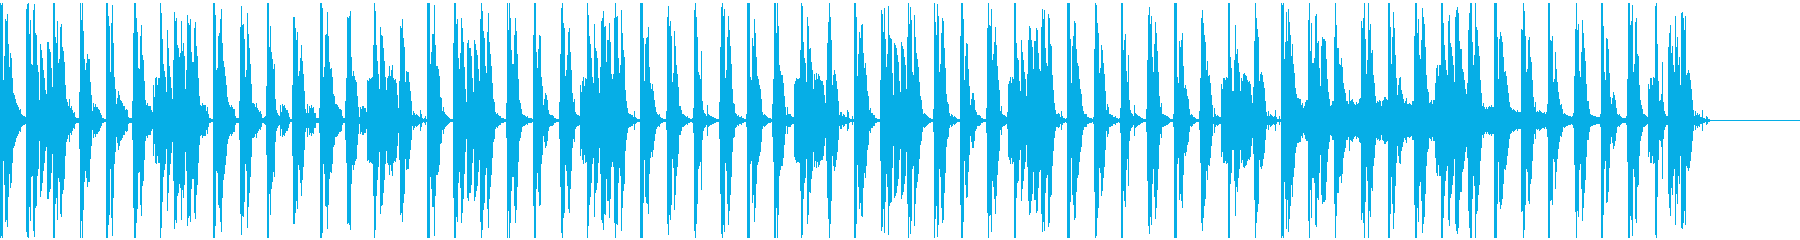 【エレクトロニカ】ロング5、ジングル2の再生済みの波形